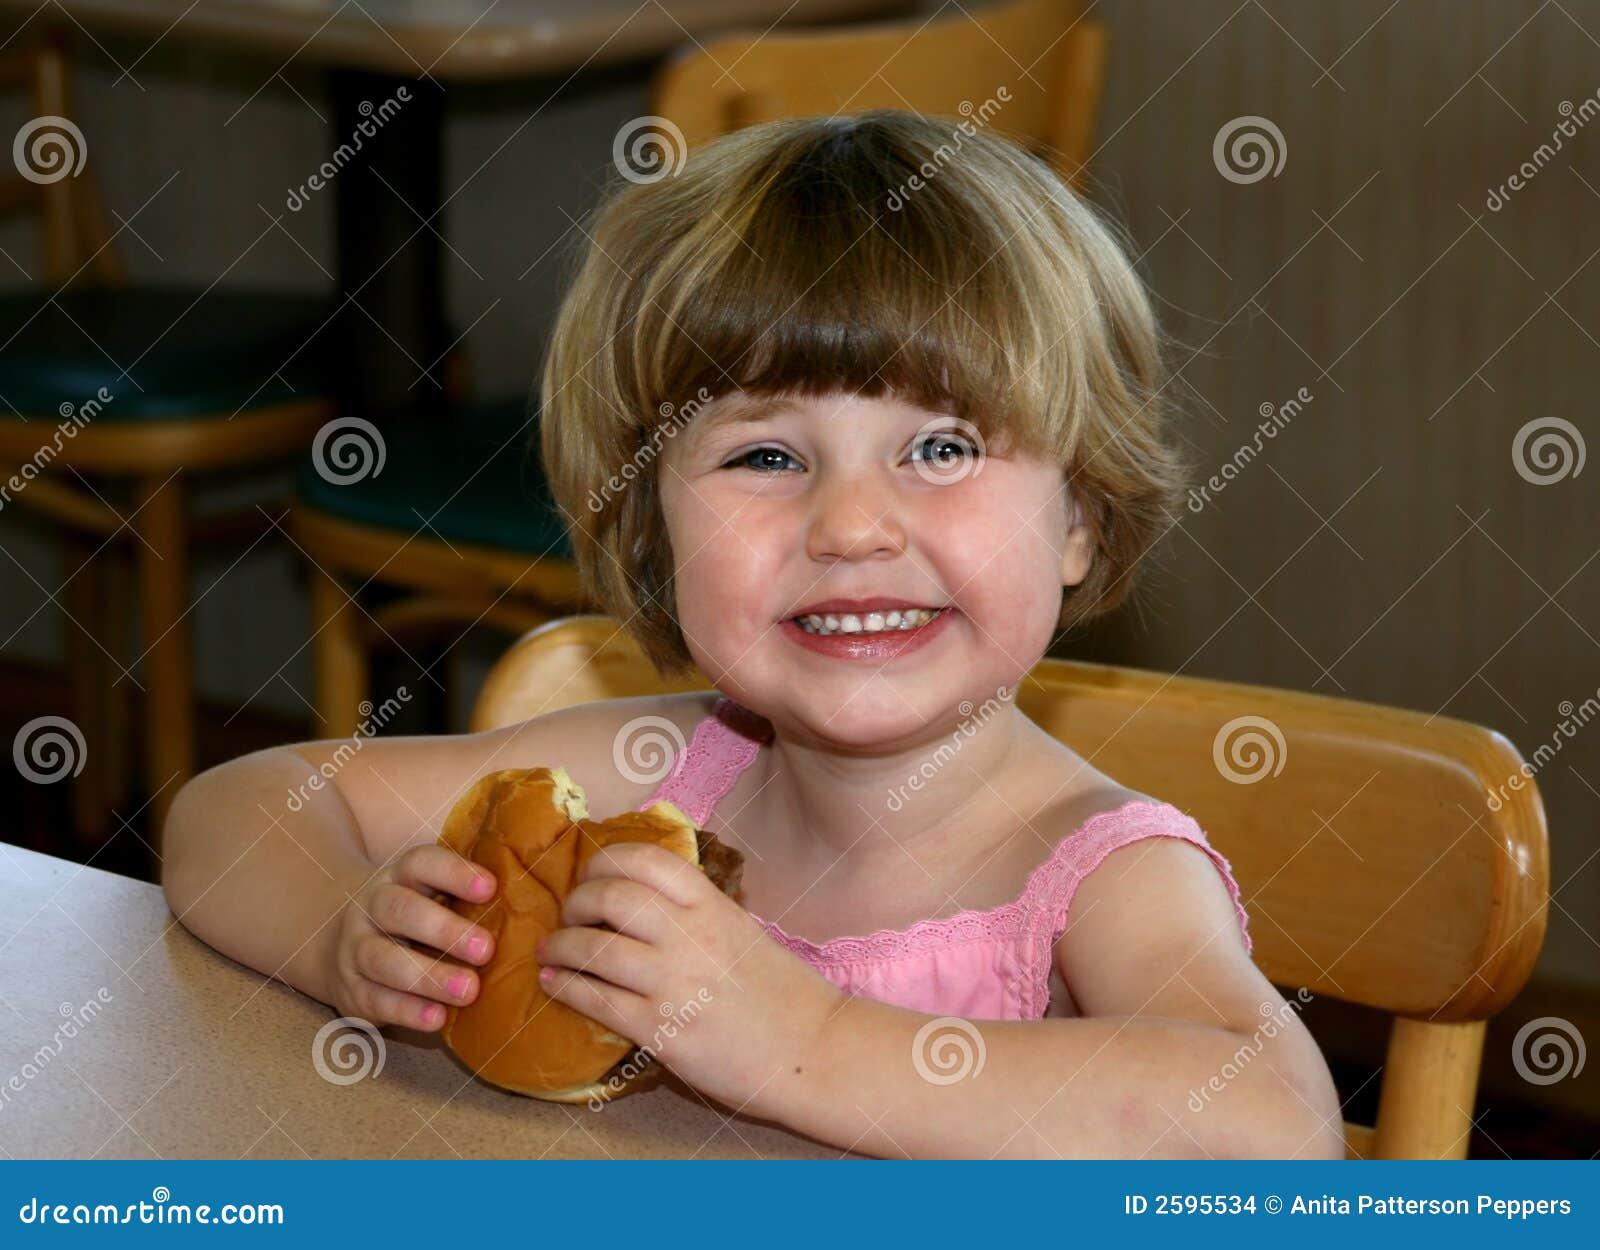 Meisje dat hamburger eet